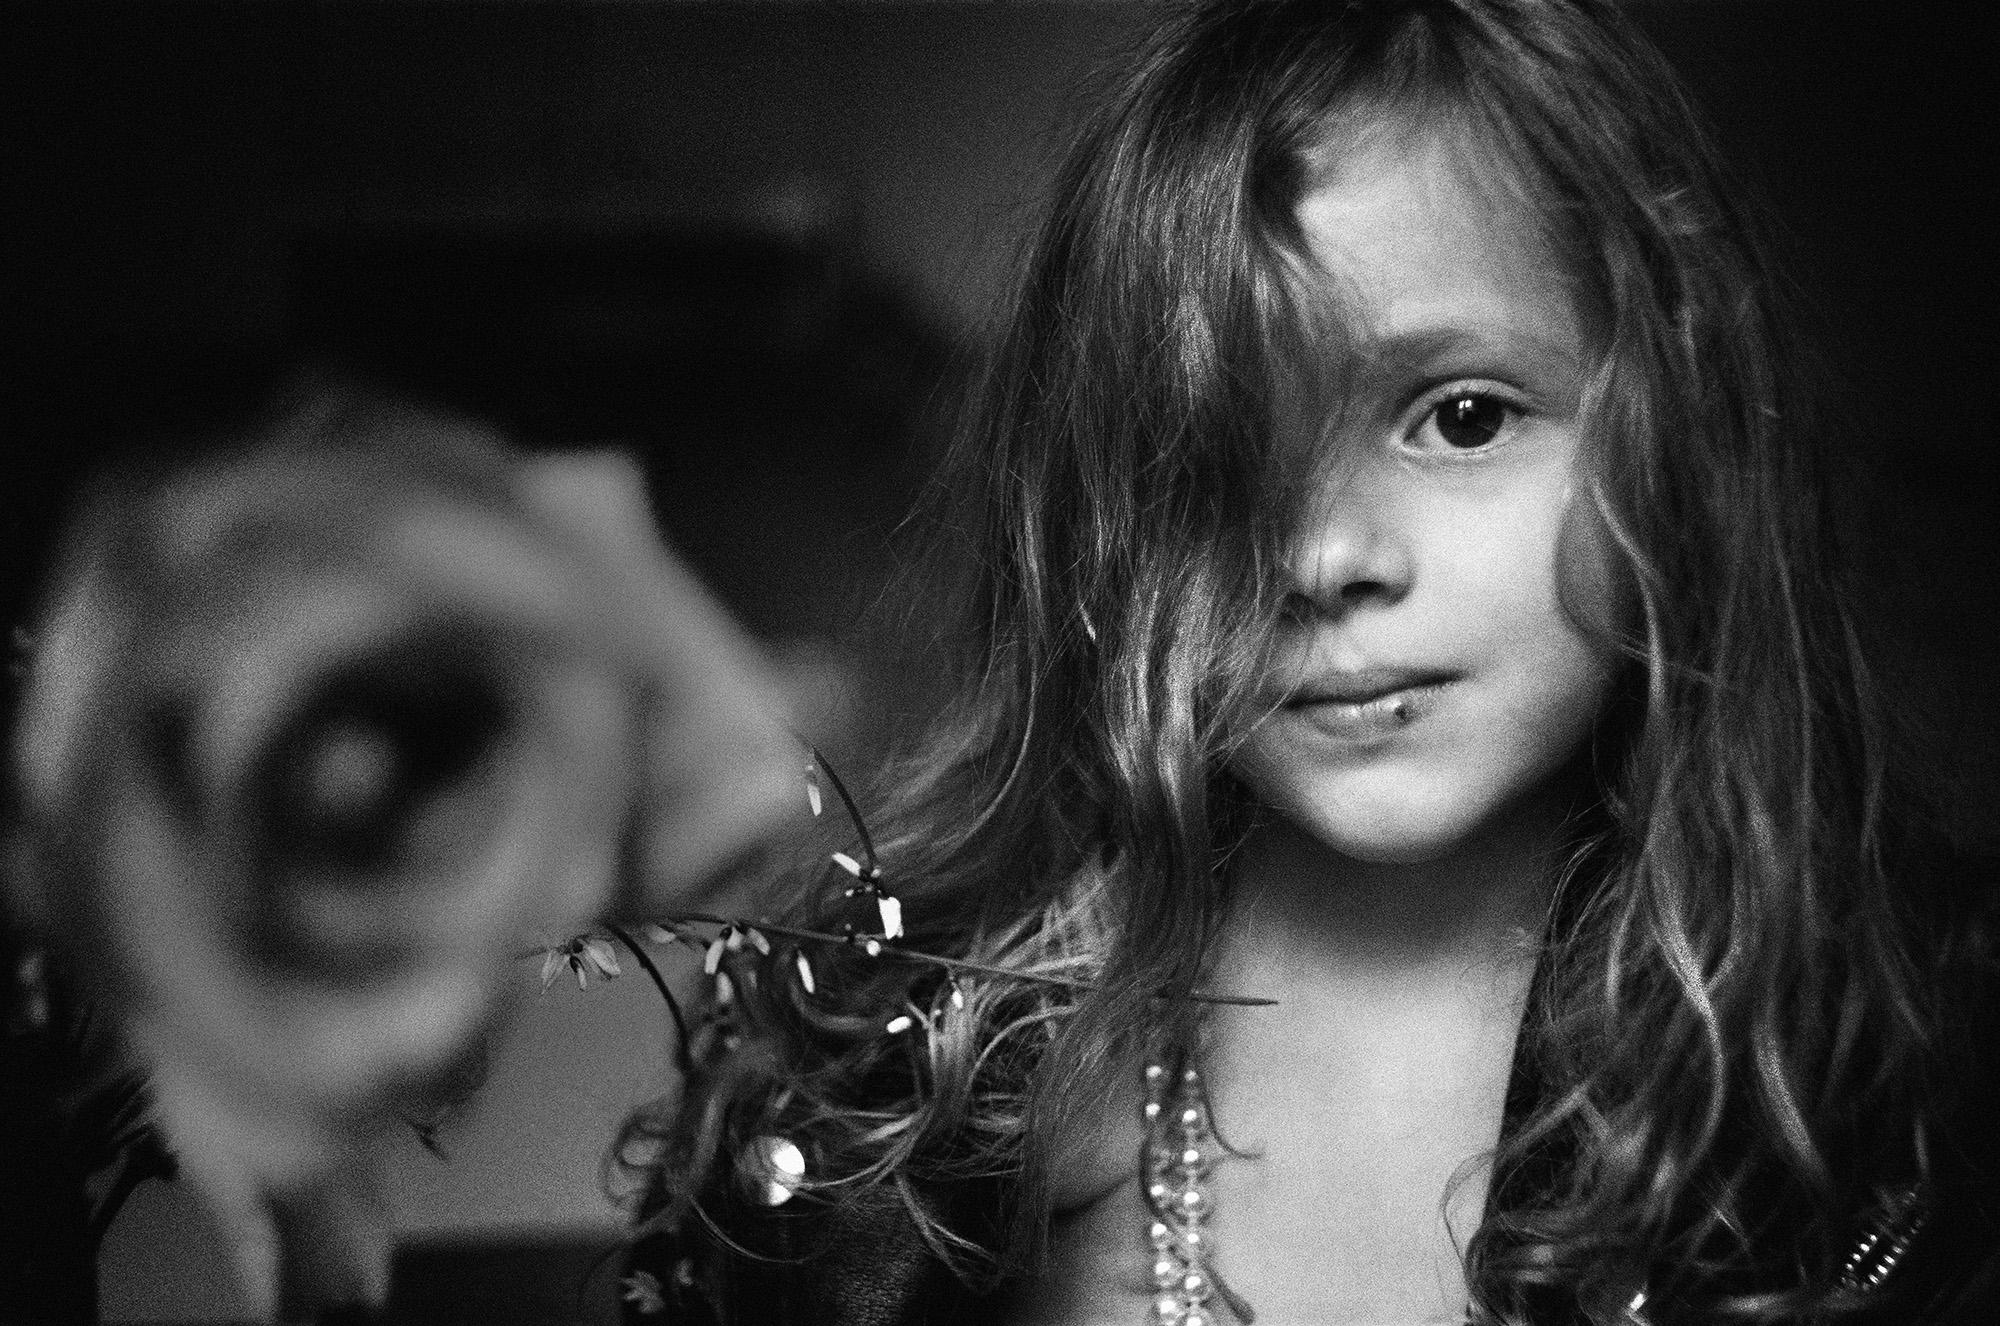 Da Dorothea Lange a Letizia Battaglia. Essere Umane: grandi fotografe raccontano il mondo